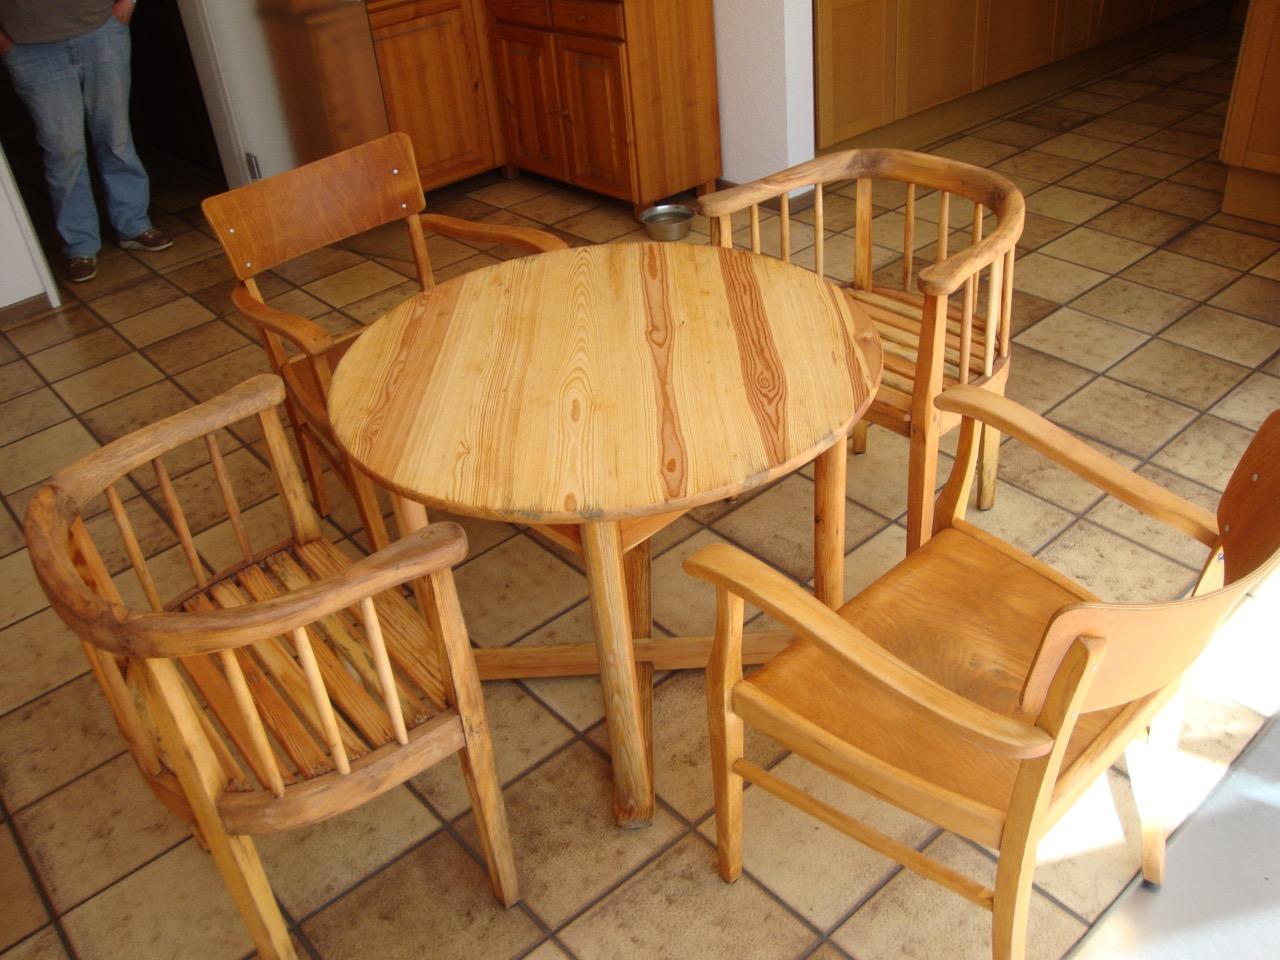 vom wei lackierten tisch zum ge lten holztisch mit st hlen tischlerei hamburg tischlerei. Black Bedroom Furniture Sets. Home Design Ideas